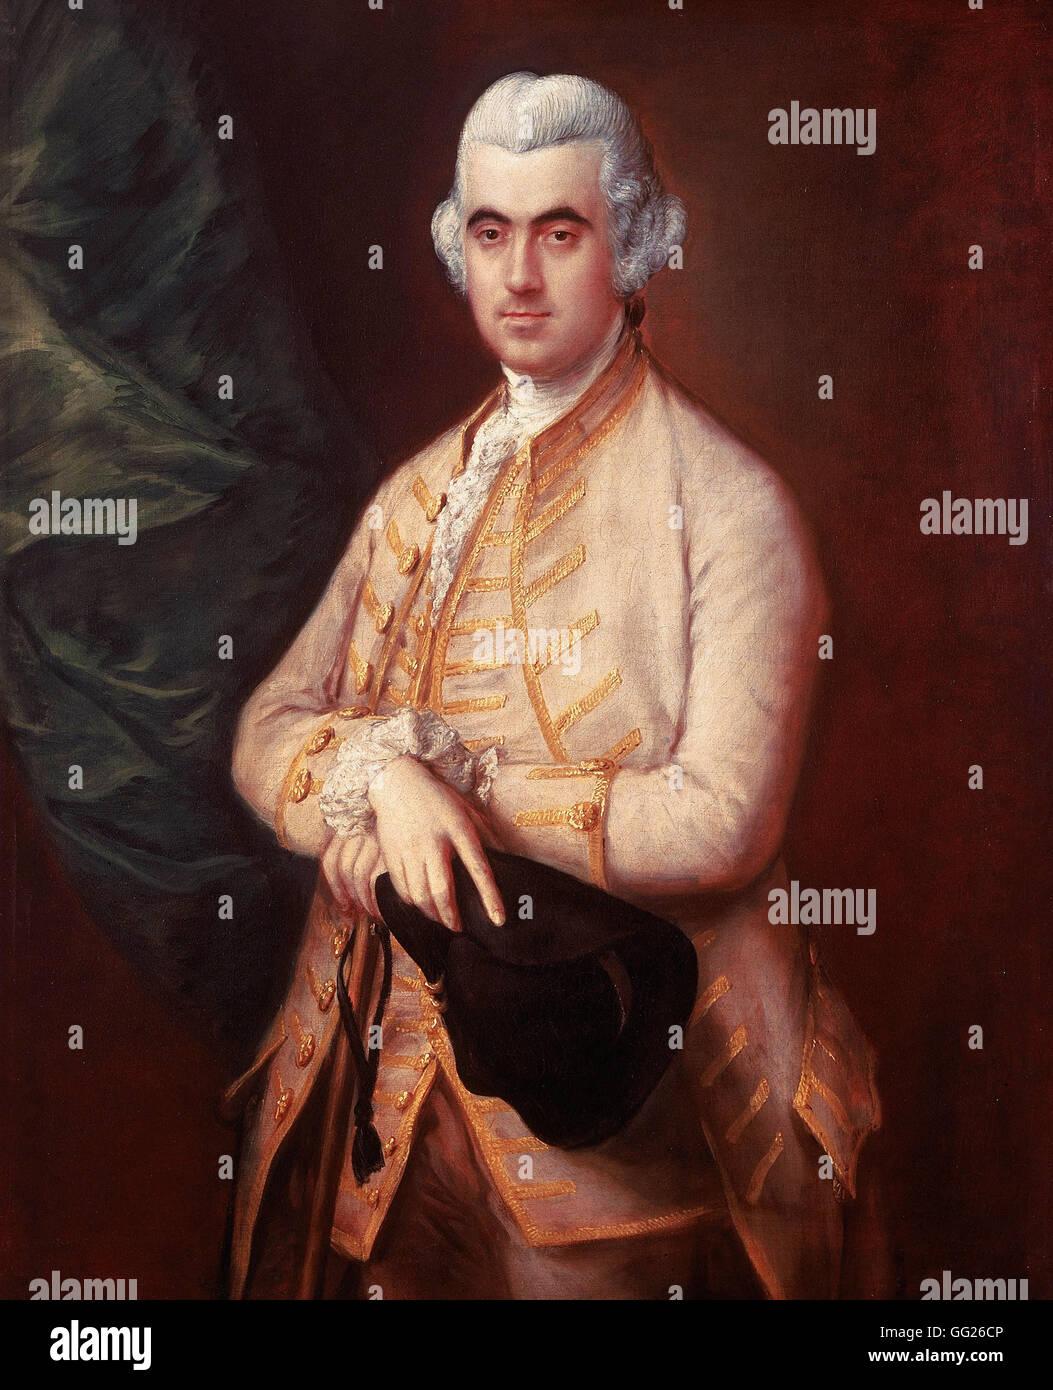 Thomas Gainsborough - Sir Robert Clayton - Stock Image